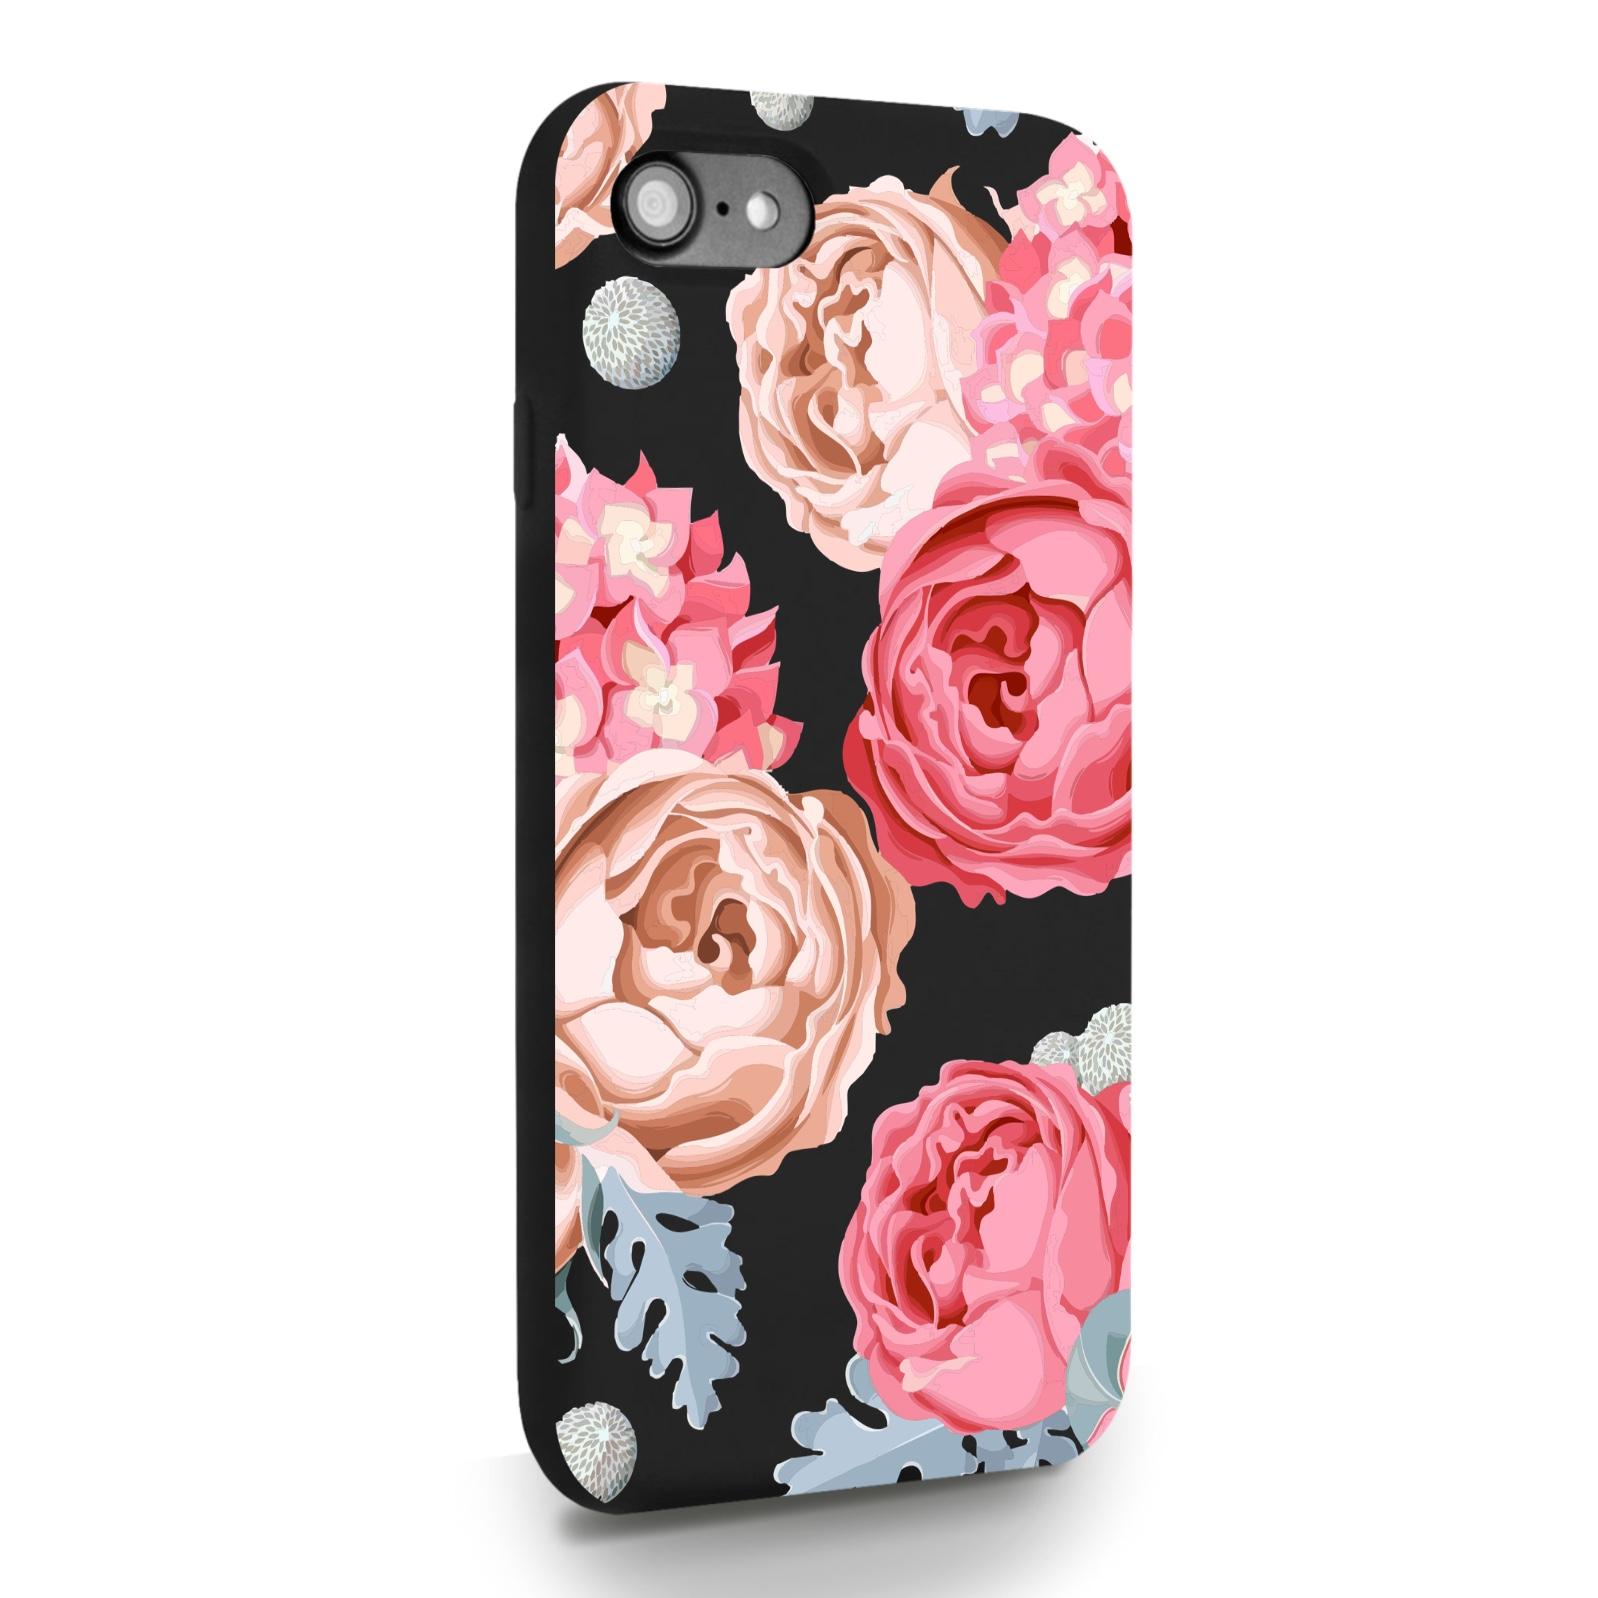 Черный силиконовый чехол для iPhone 7/8/SE2020 Пионы для Айфон 7/8/СЕ2020